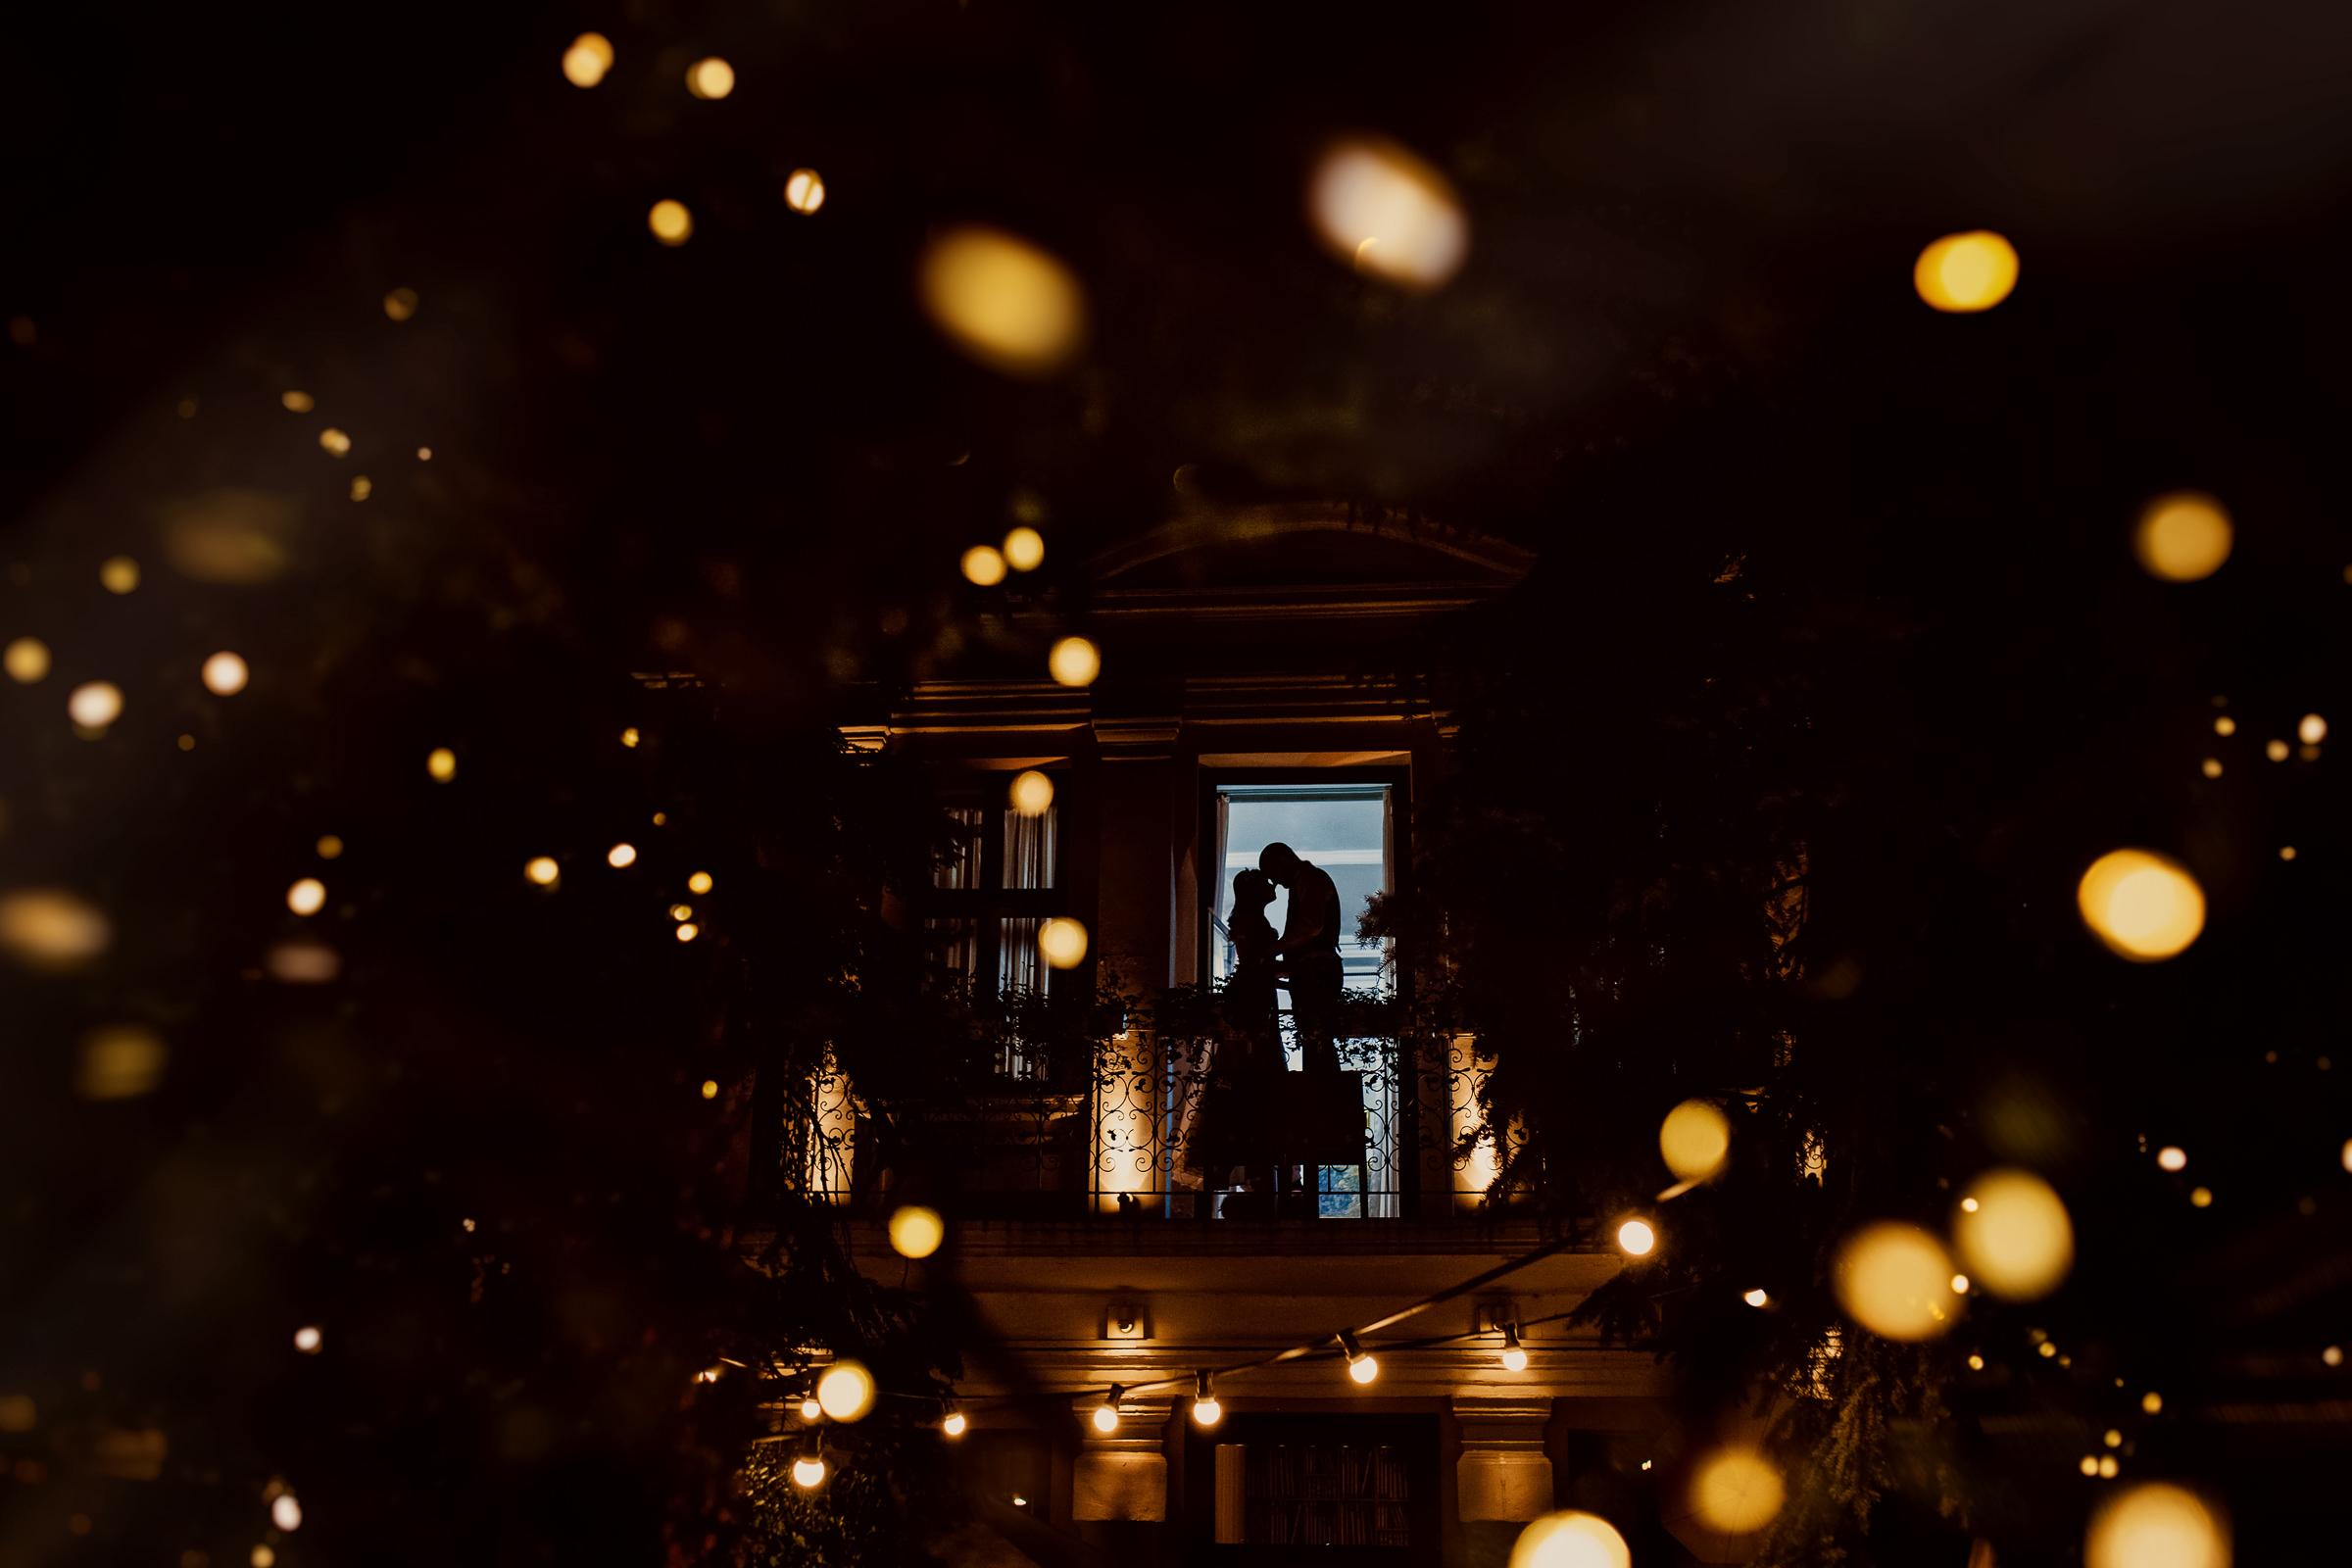 Bokeh lighting silhouette against doorway - photo by Deliysky Studio